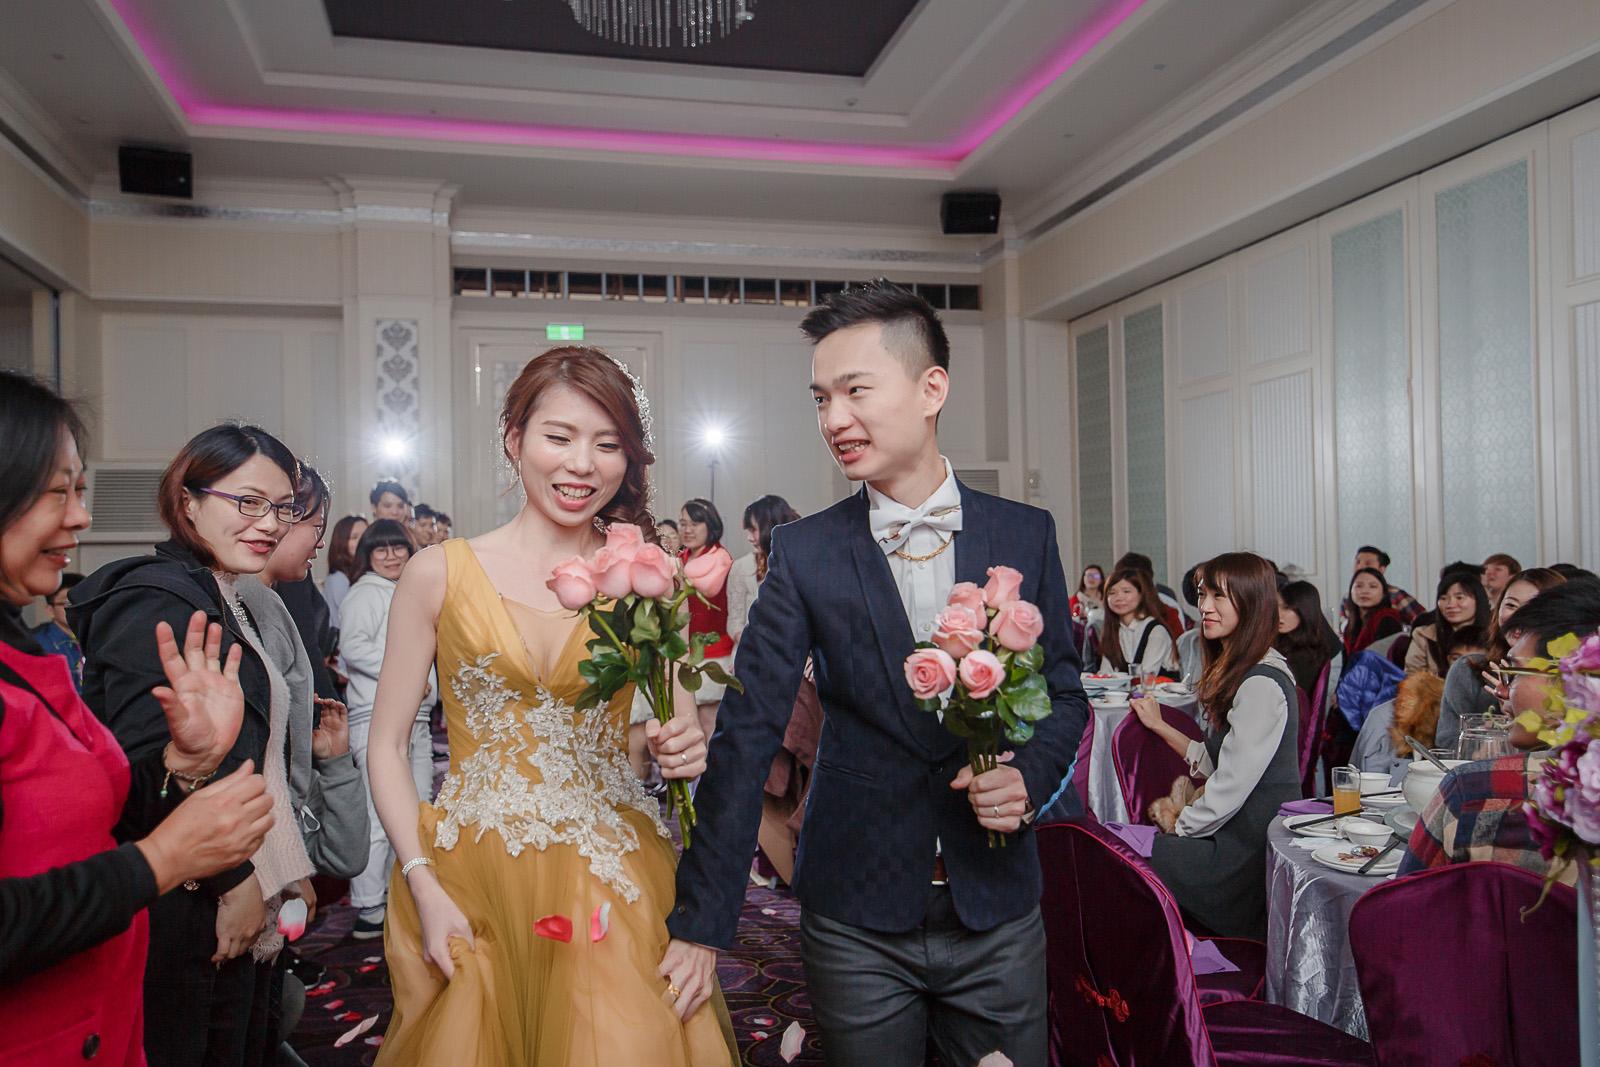 高雄圓山飯店,婚禮攝影,婚攝,高雄婚攝,優質婚攝推薦,Jen&Ethan-282